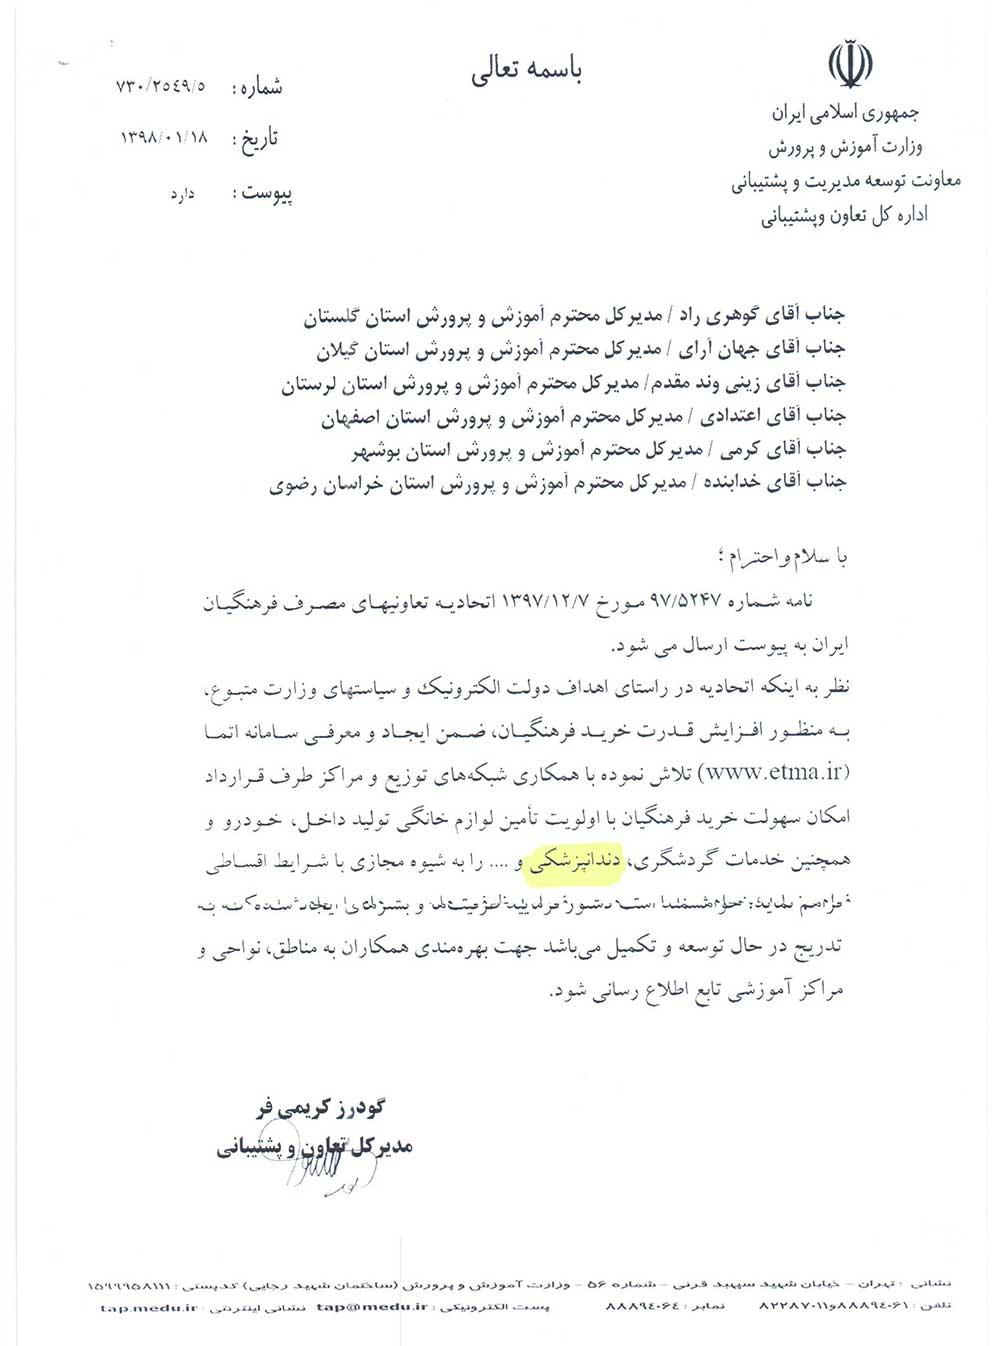 بخشنامه های کشوری وزارت آموزش و پرورش طرح جامع سلامت دهان و دندان ویژه فرهنگیان